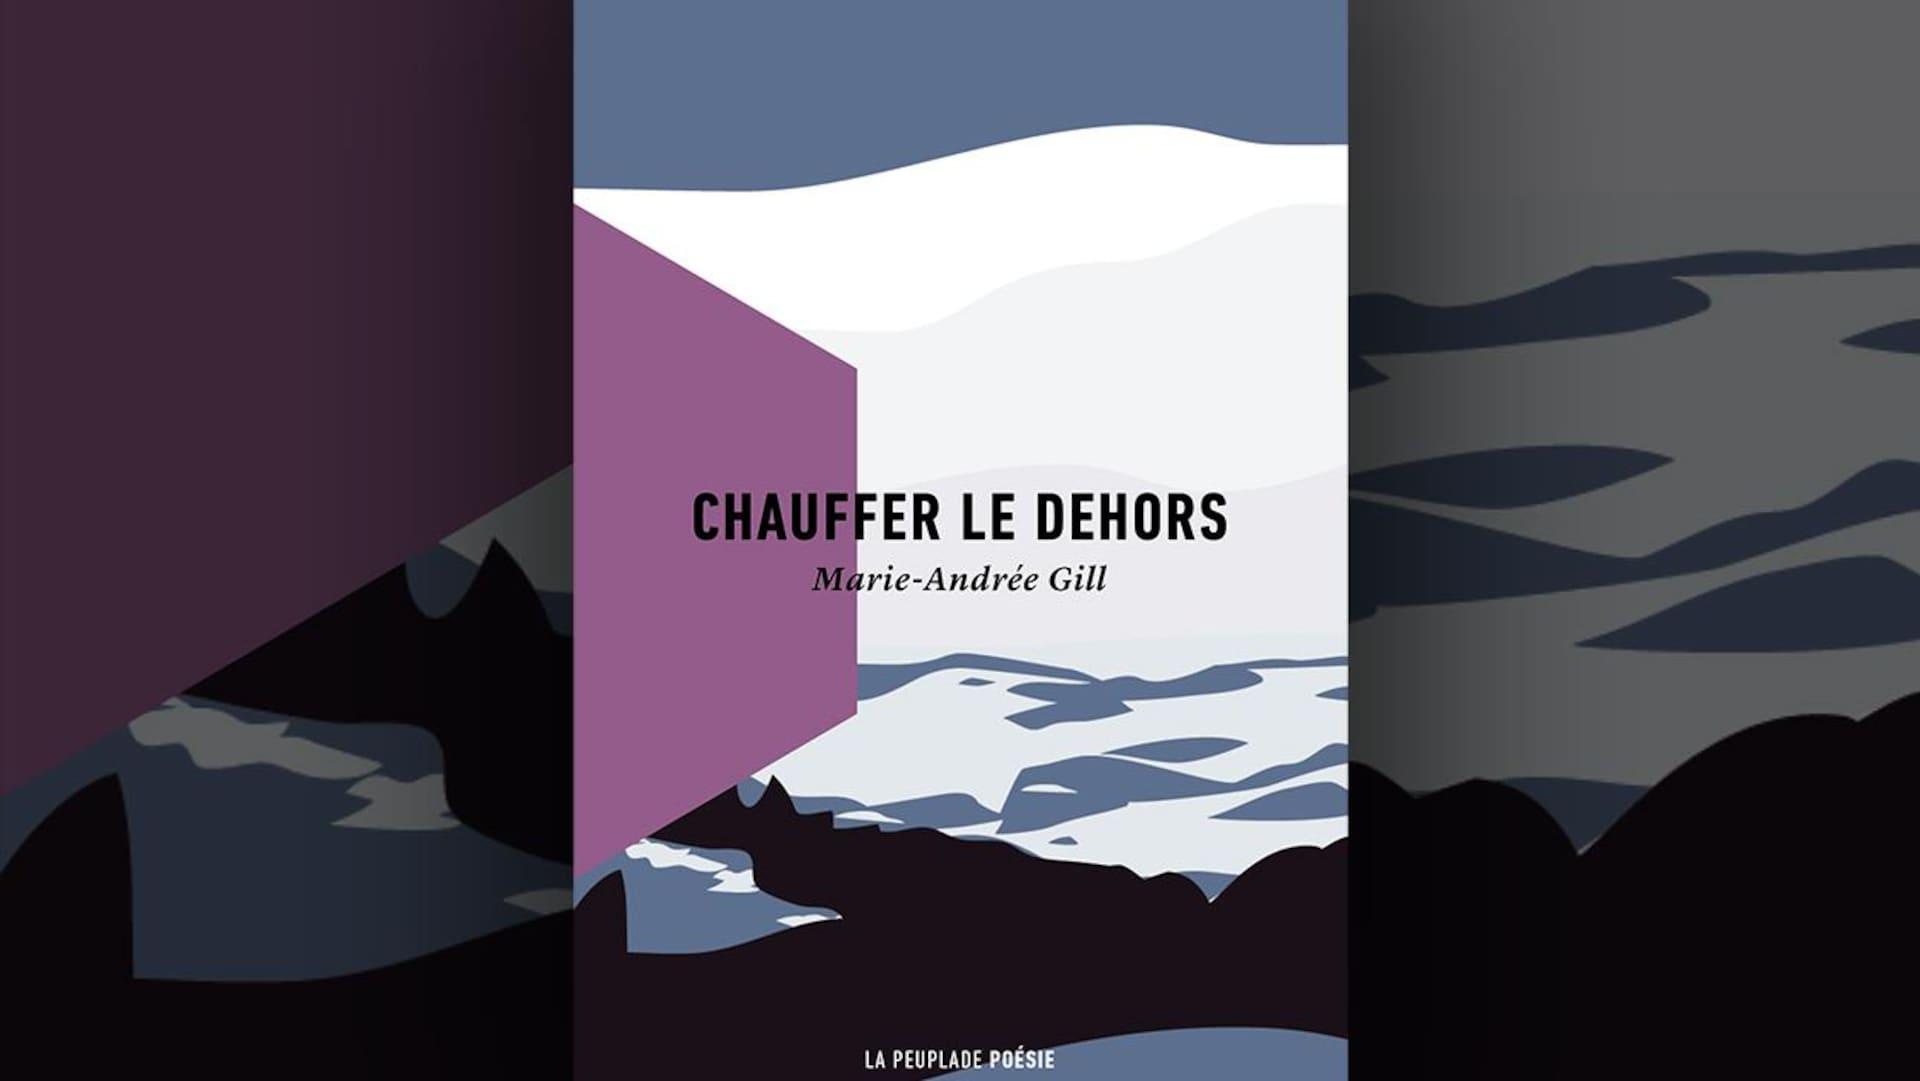 Image de la couverture du livre  Chauffer le dehors , de Marie-Andrée Gill, représentant une illustration de paysage stylisé dans des tons bleus, blancs, mauves et violets.